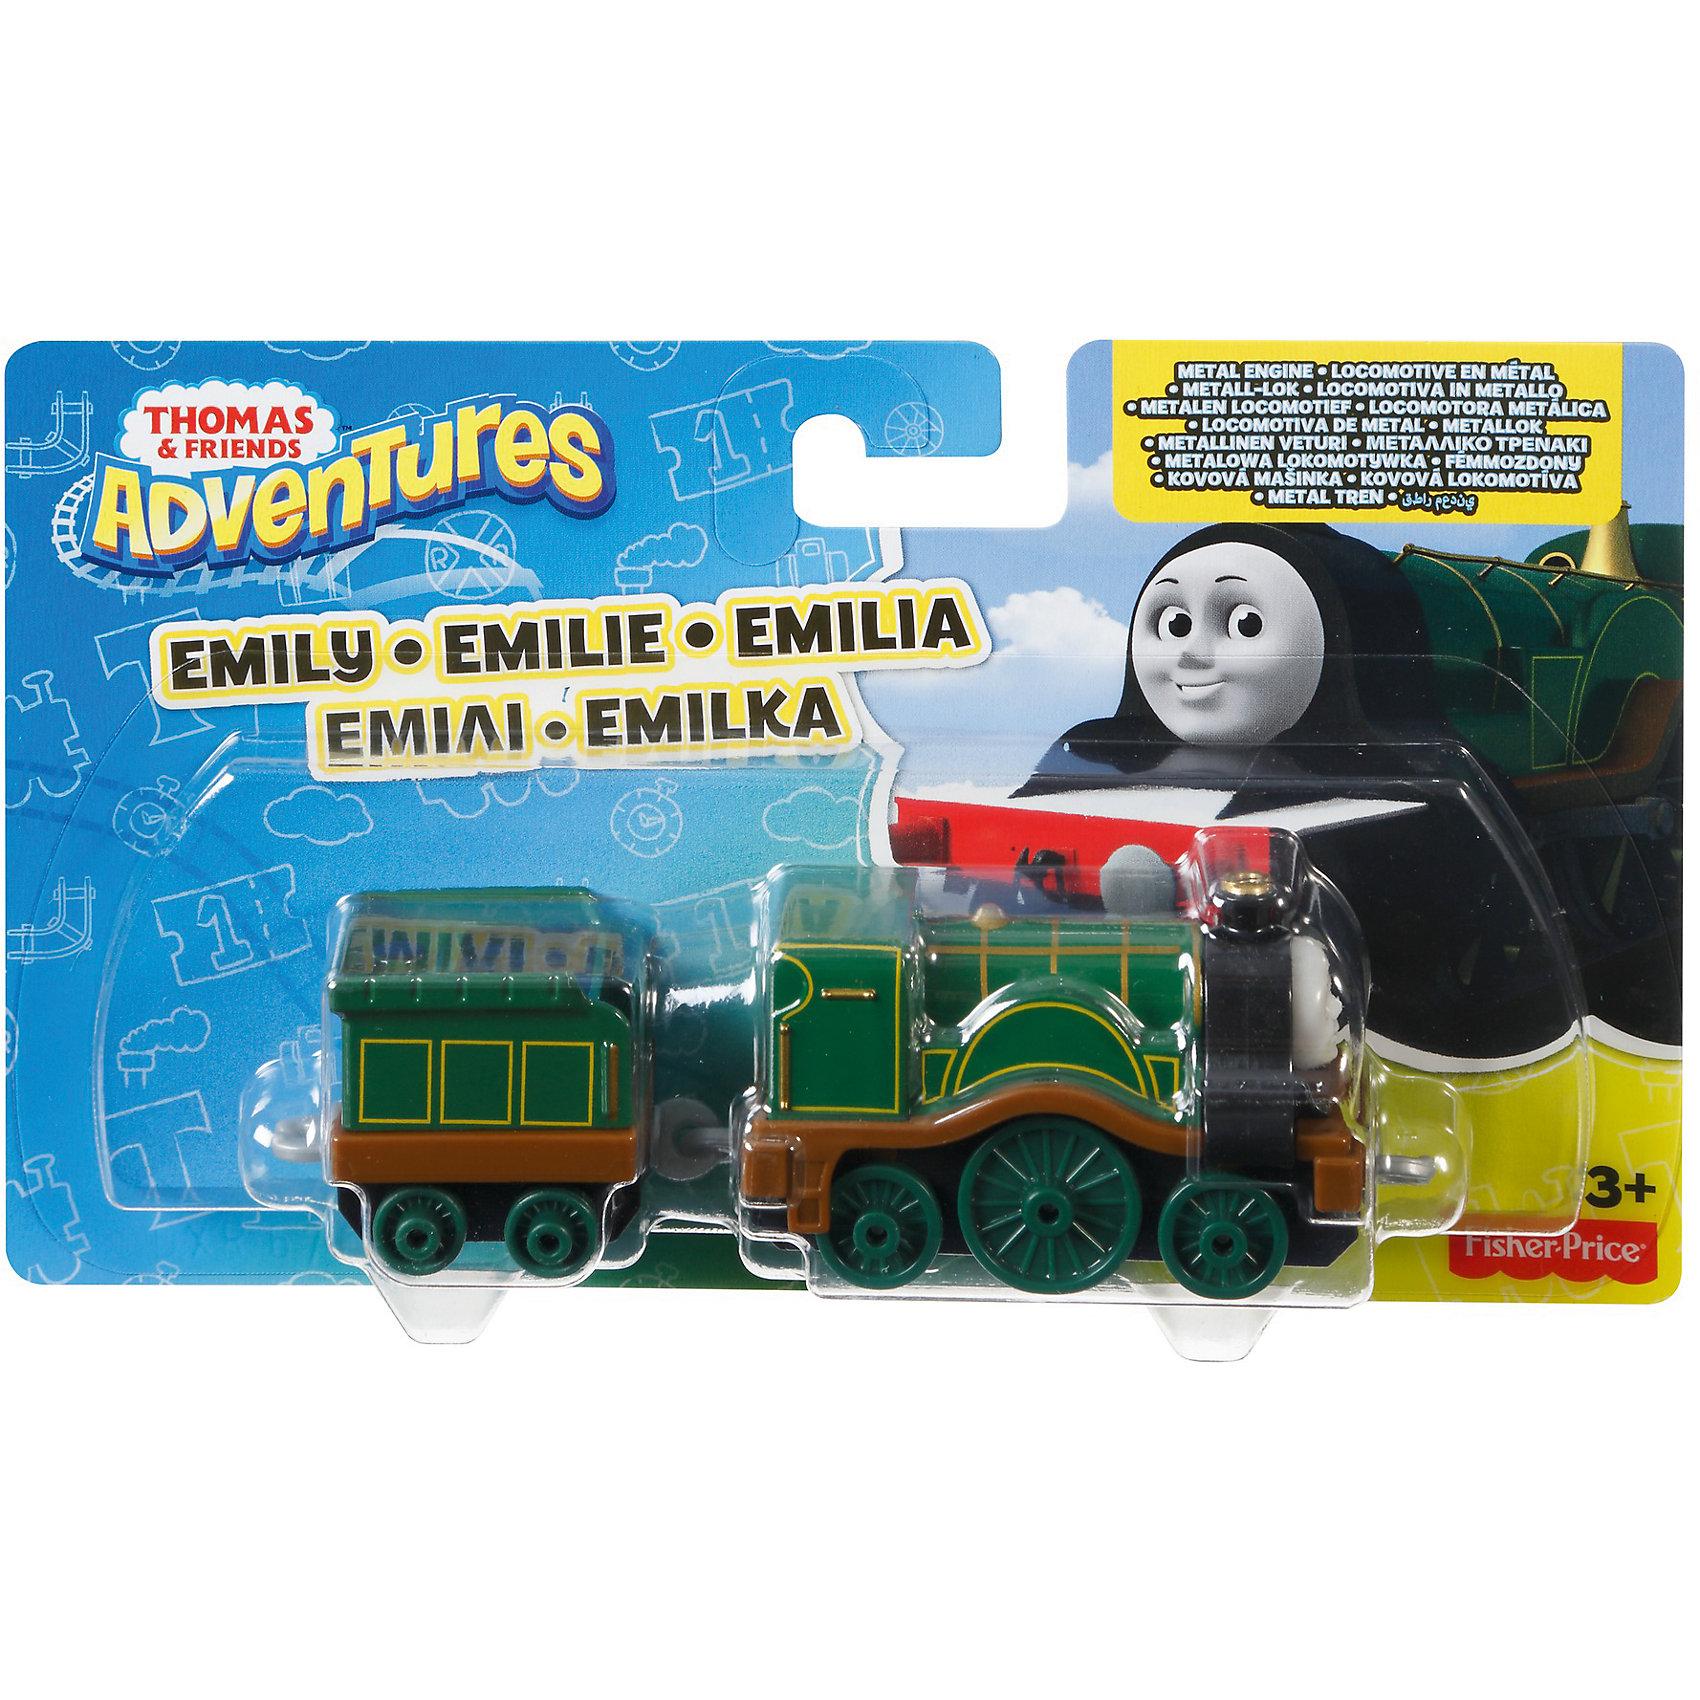 Большой паровозик, Томас и его друзьяПопулярные игрушки<br>Большой паровозик, Томас и его друзья.<br><br>Характеристики:<br><br>• Материал: пластик, металл<br>• Размер упаковки: 19х11,5х3 см.<br>• Вес: 380 гр.<br><br>Большой паровозик Эмили создан по мотивам мультфильма Томас и его друзья, невероятно популярного среди миллионов детей во всем мире. Паровозик отличается высокой степенью детализации и соответствия своему экранному прототипу. При движении позади транспортного средства забавно покачивается вагон-прицеп. <br><br>Надежные пластиковые соединения позволяют присоединять к паровозику вагончики, тендеры и другие паровозики из серии «Томас и друзья». Игрушка станет отличным подарком для поклонников мультсериала «Томас и друзья», а также для любителей железных дорог! Паровозик изготовлен из высококачественных материалов, используемые красители не содержат токсичных компонентов и полностью безопасны для здоровья ребенка.<br><br>Большой паровозик, Томас и его друзья можно купить в нашем интернет-магазине.<br><br>Ширина мм: 190<br>Глубина мм: 35<br>Высота мм: 115<br>Вес г: 54<br>Возраст от месяцев: 36<br>Возраст до месяцев: 120<br>Пол: Мужской<br>Возраст: Детский<br>SKU: 5440307